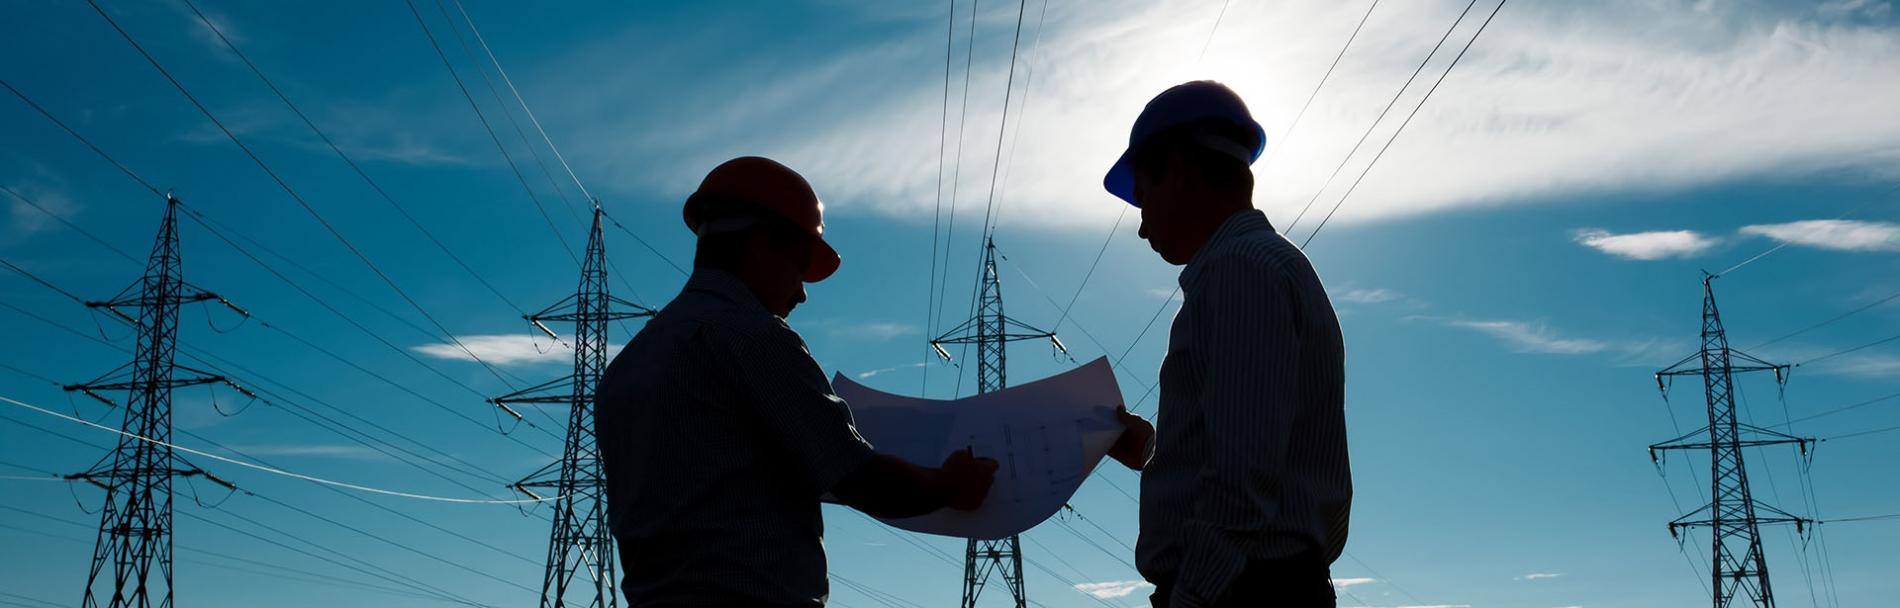 Монтаж и наладка систем электроснабжения